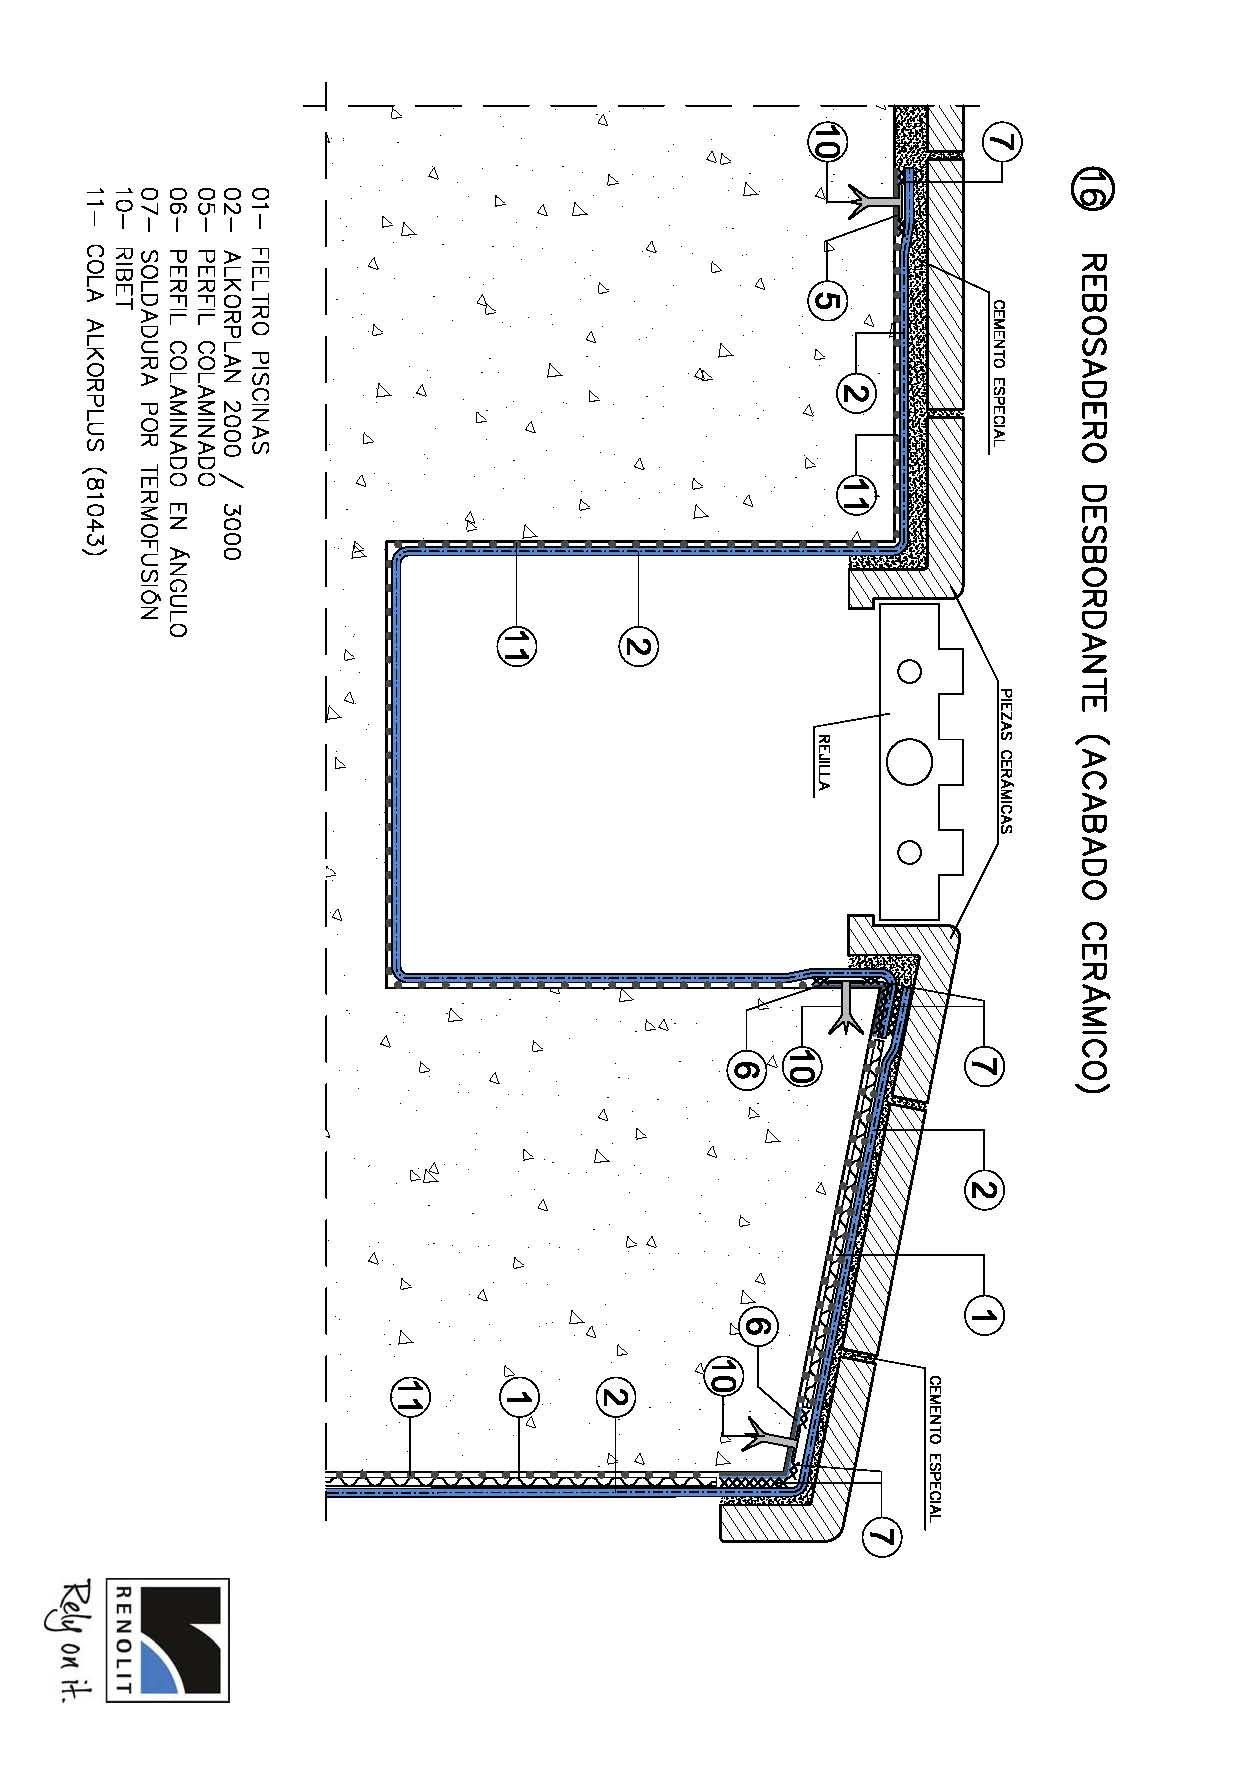 Detalle piscina infinity buscar con google for Detalles constructivos de piscinas